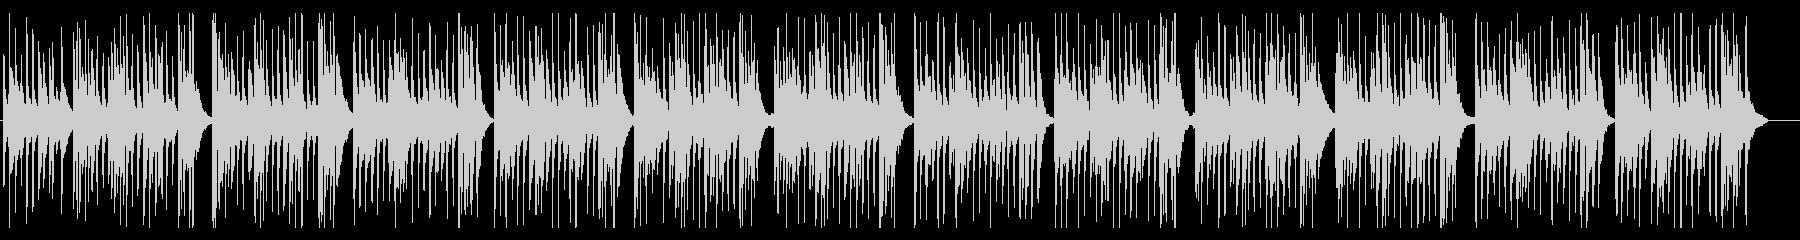 バロック調のウクレレのワルツです。の未再生の波形